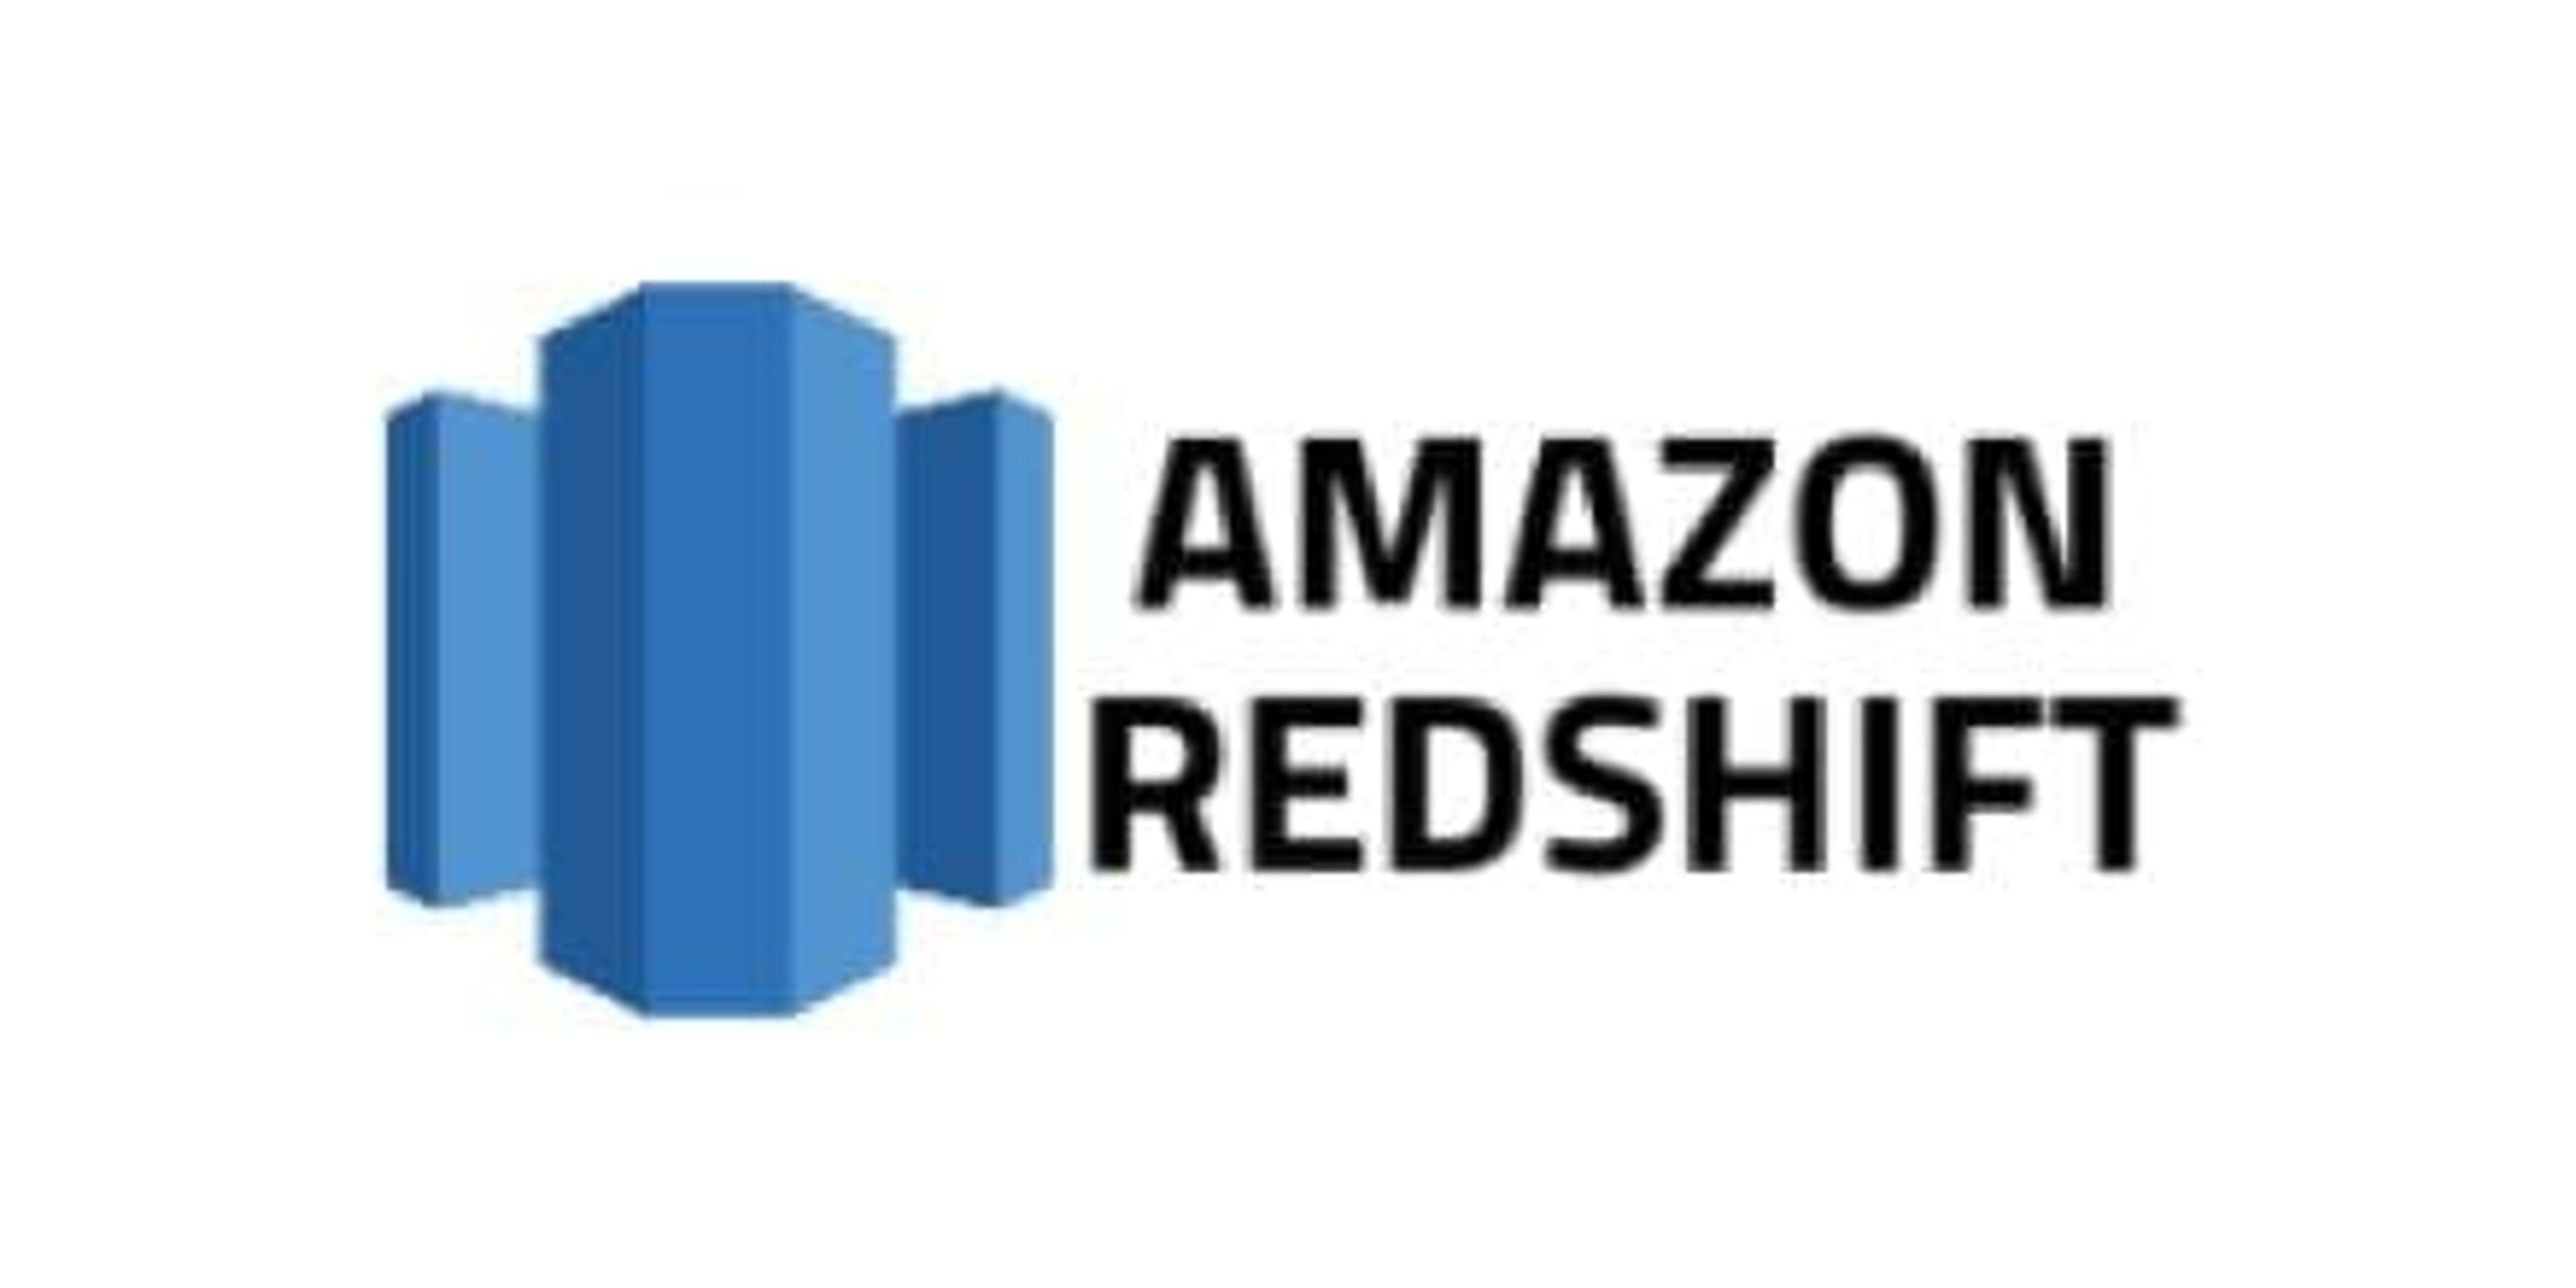 Amazon Redshift est le produit de Data Warehouse Cloud d'AWS